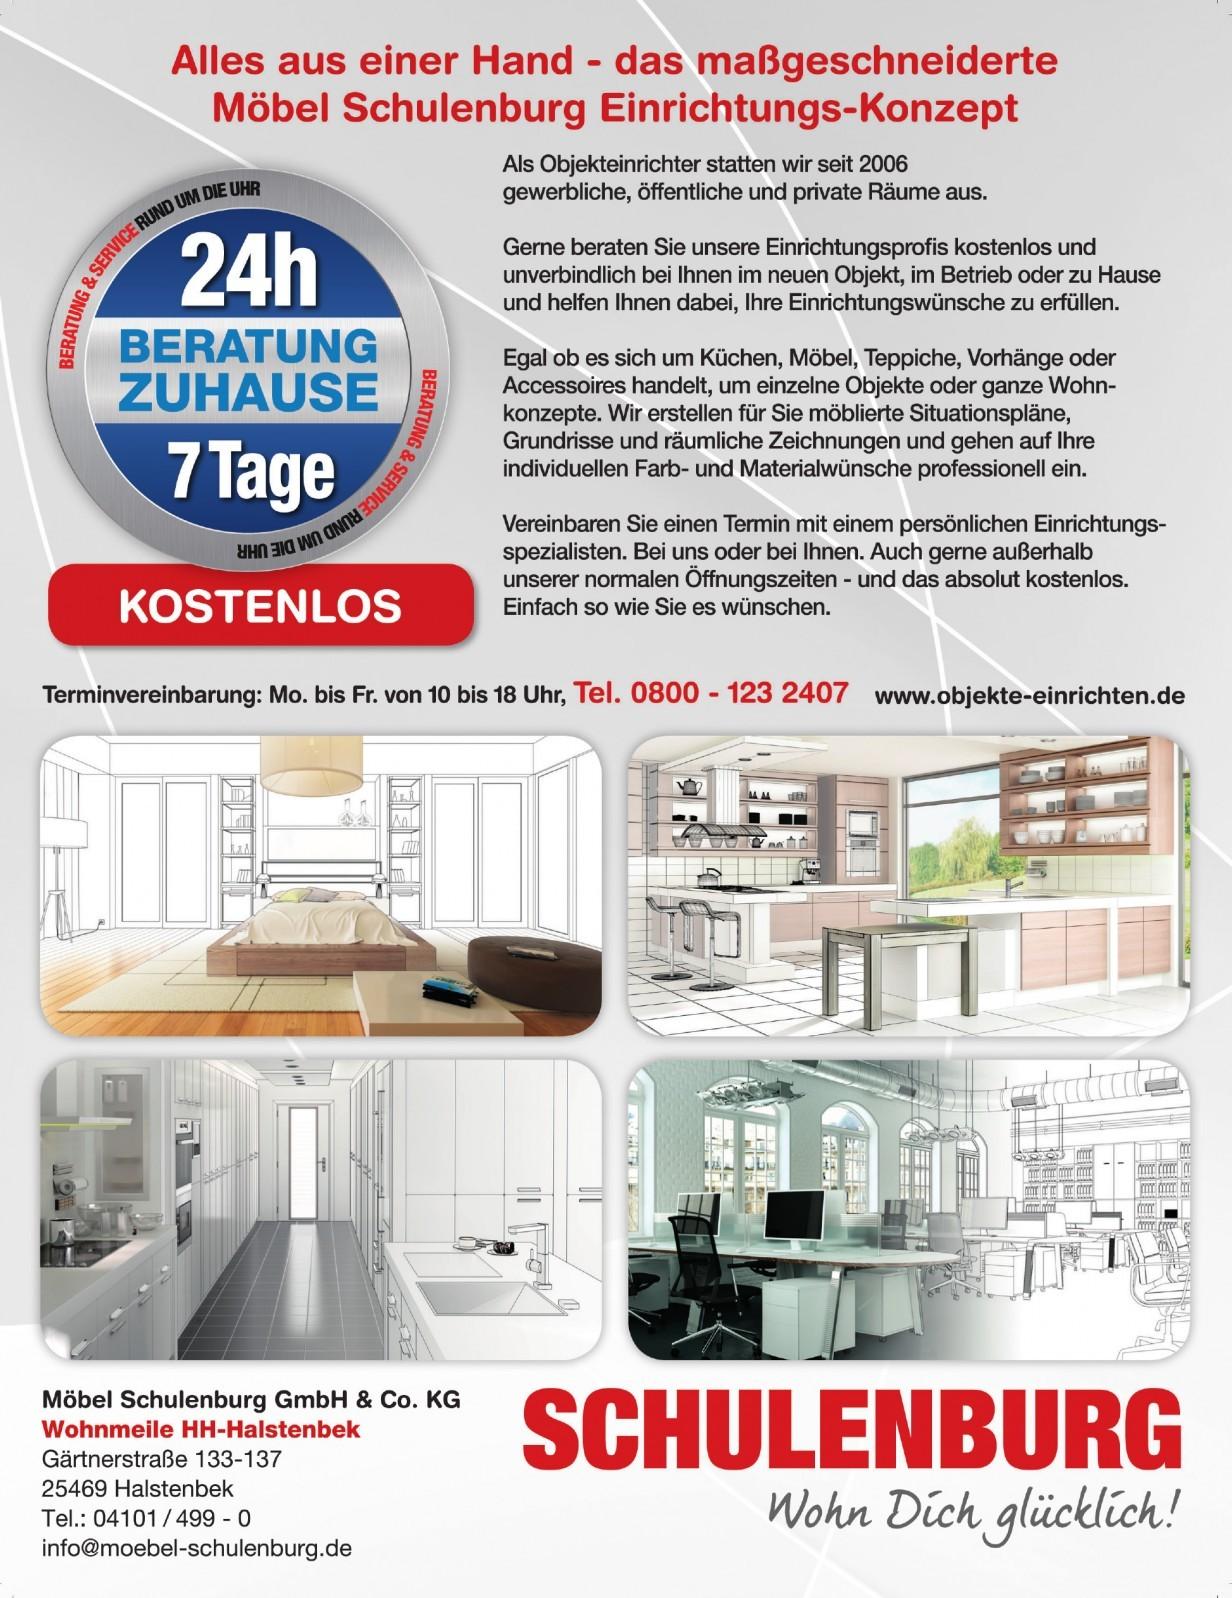 Möbel Schulenburg Hamburg-Halstenbek